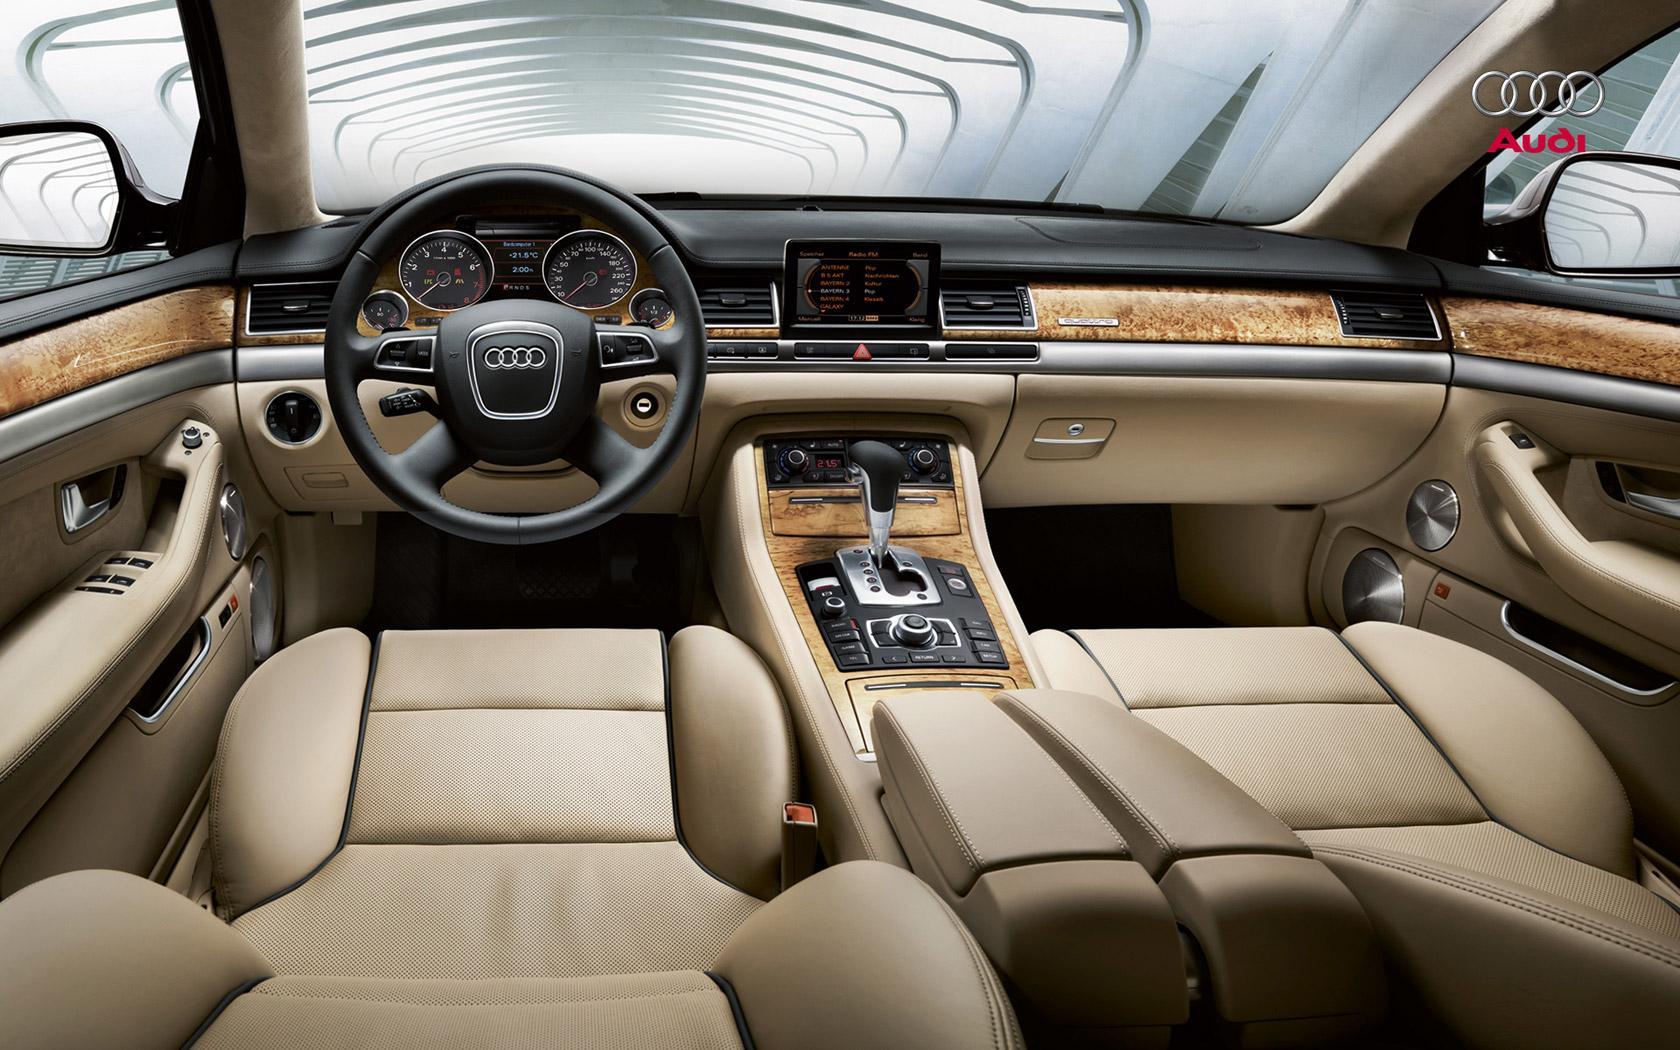 Audi-A8-D3-5.